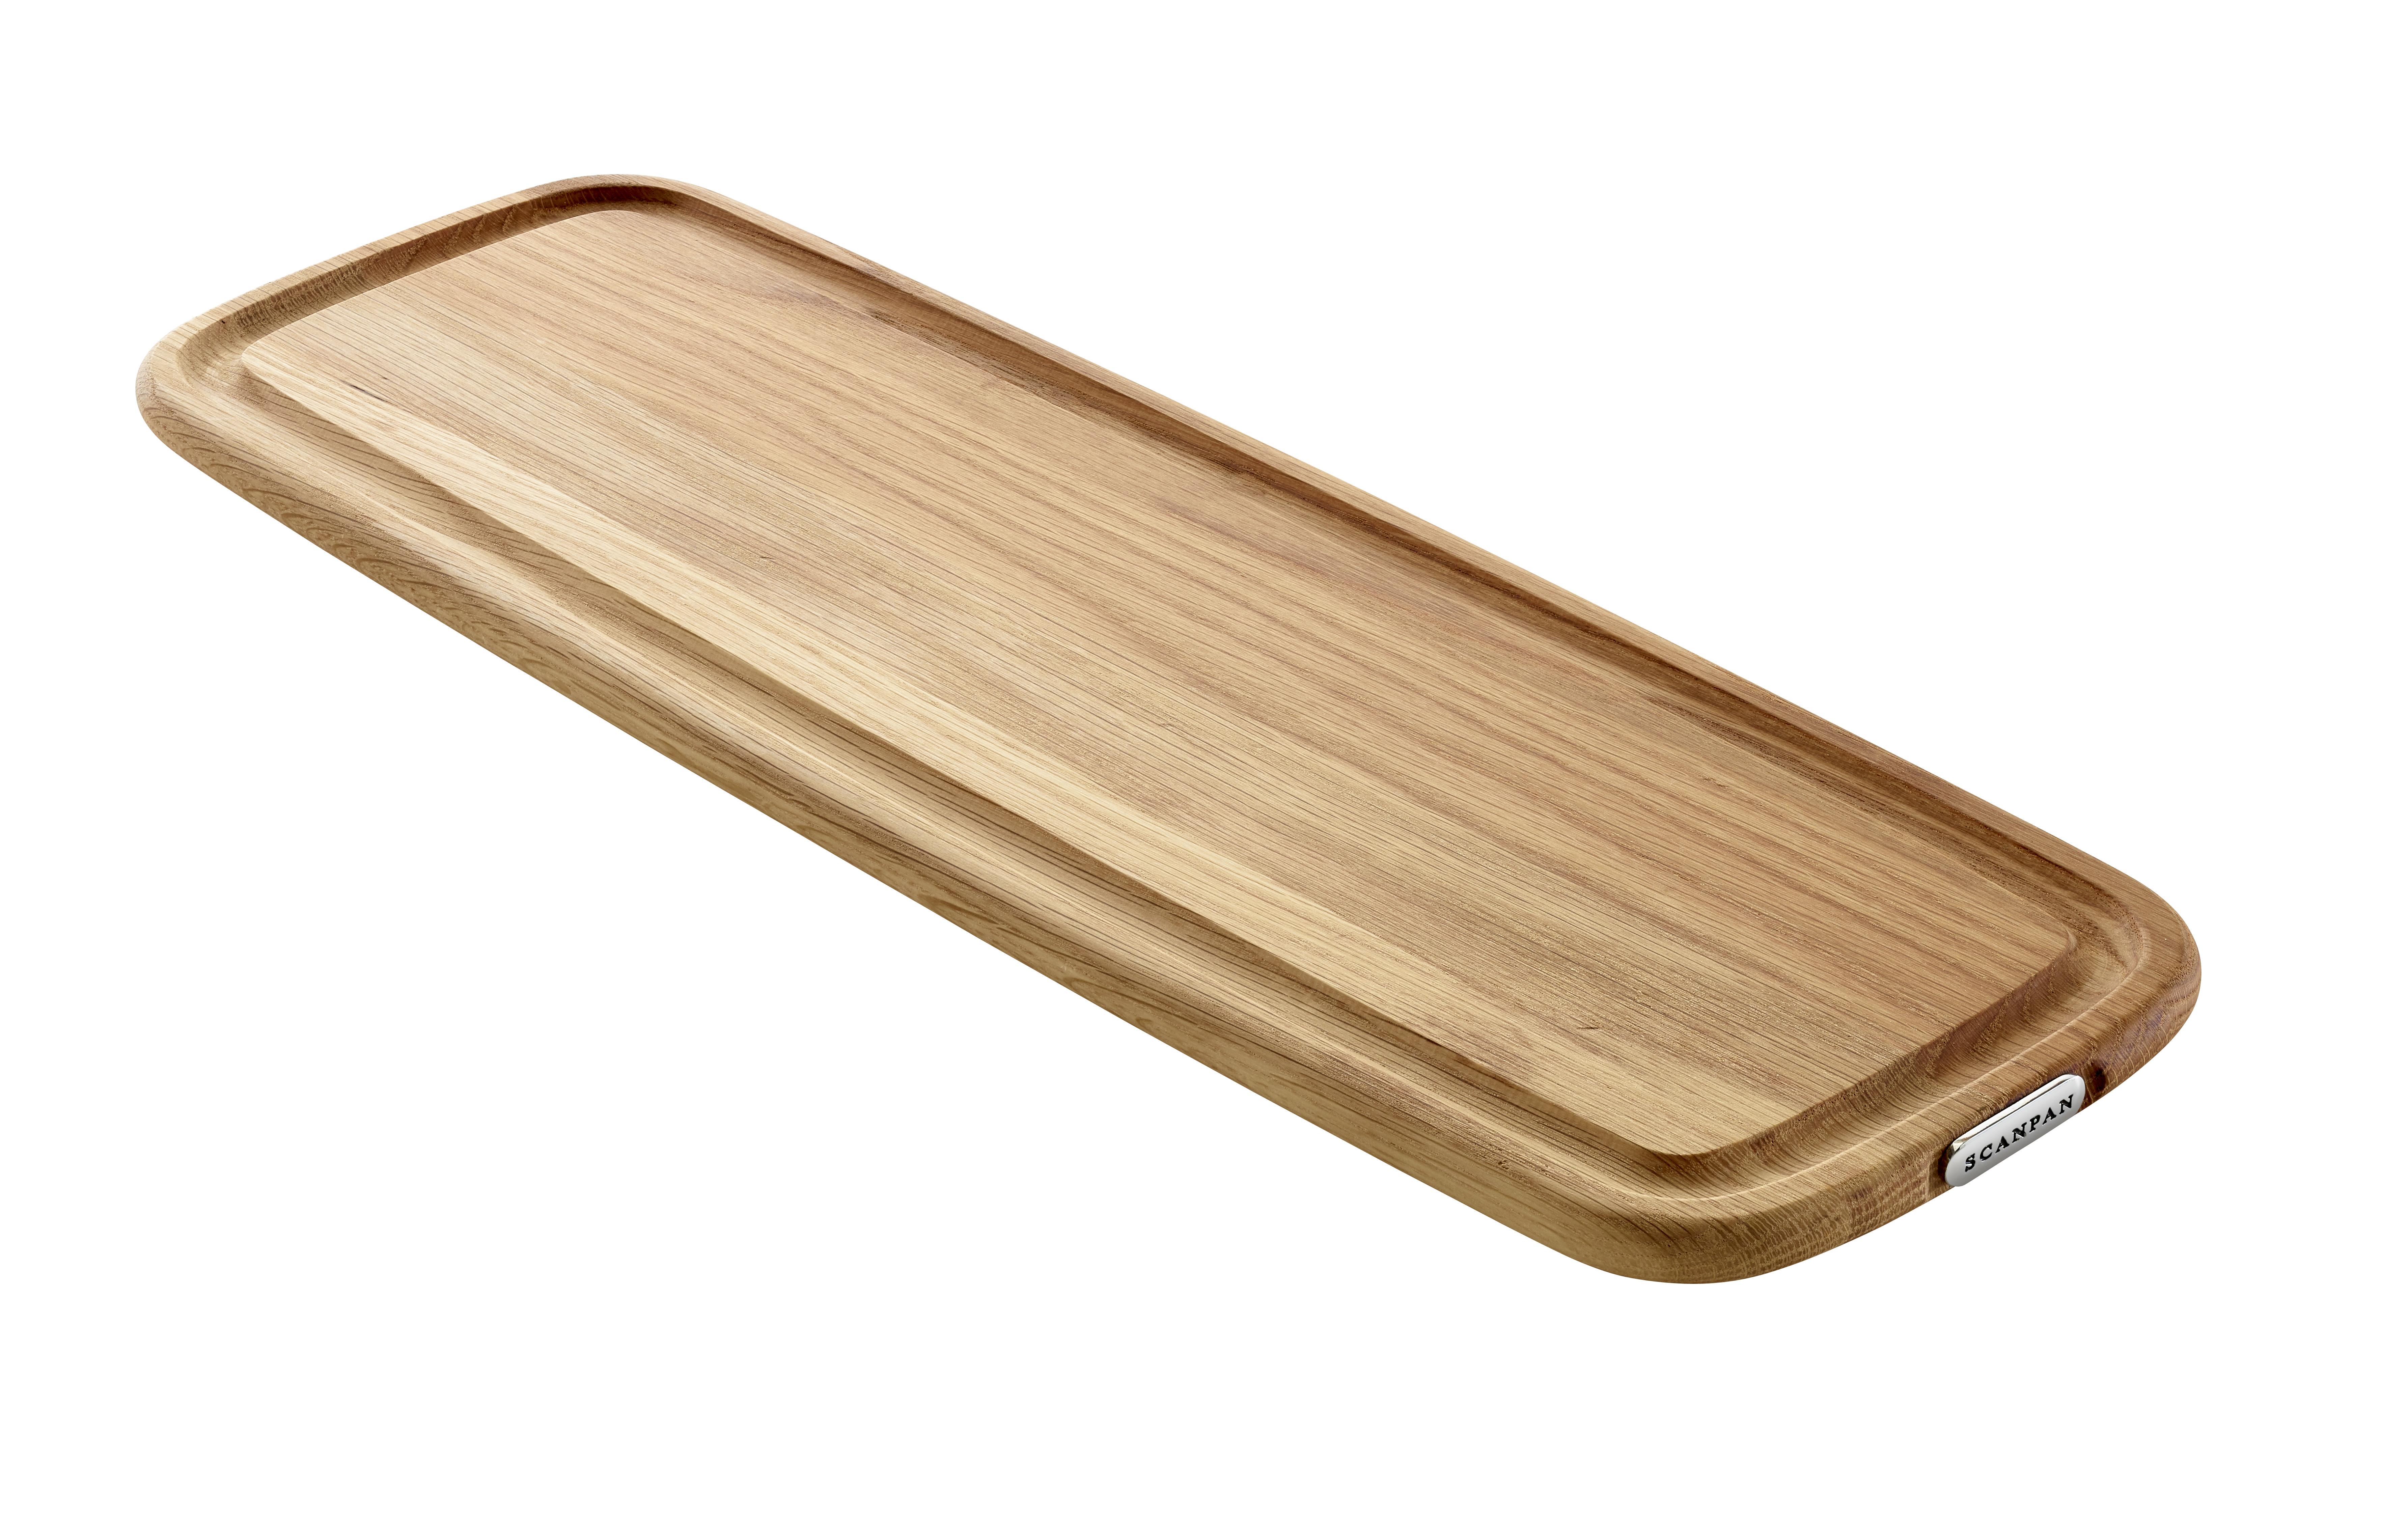 20 x 58,5 cm Serving Board -Maitre D',